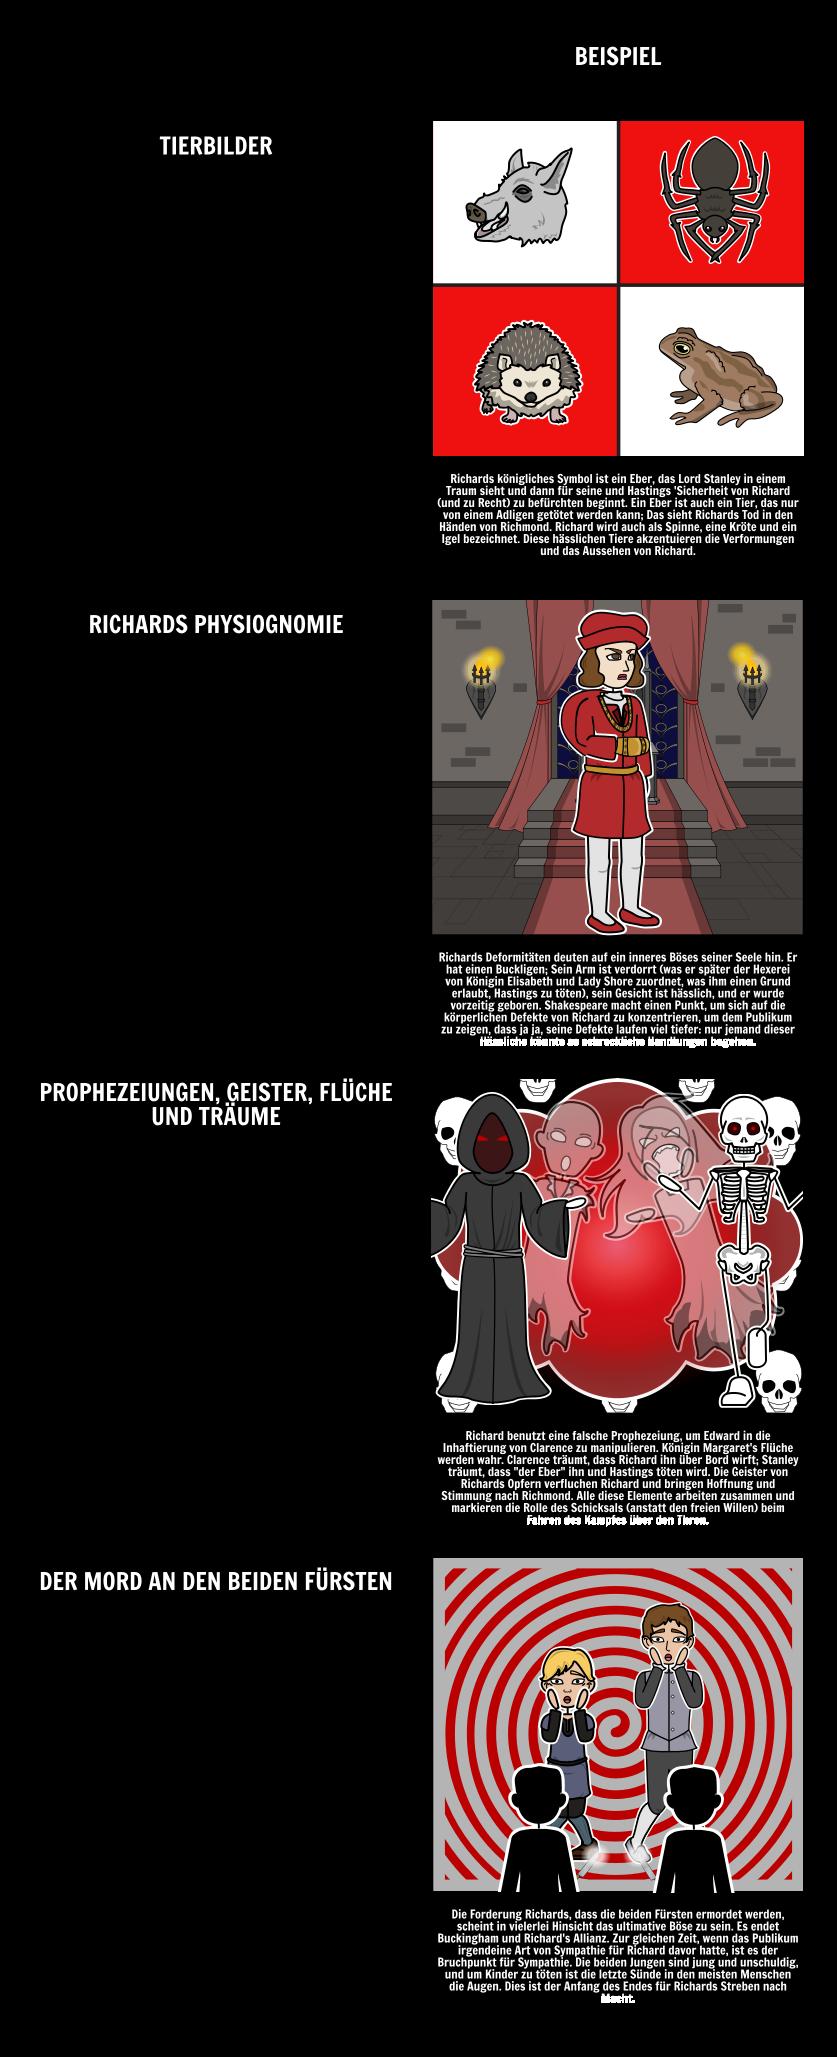 König Richard III Shakespeare Spielt | Tragödie von Richard III